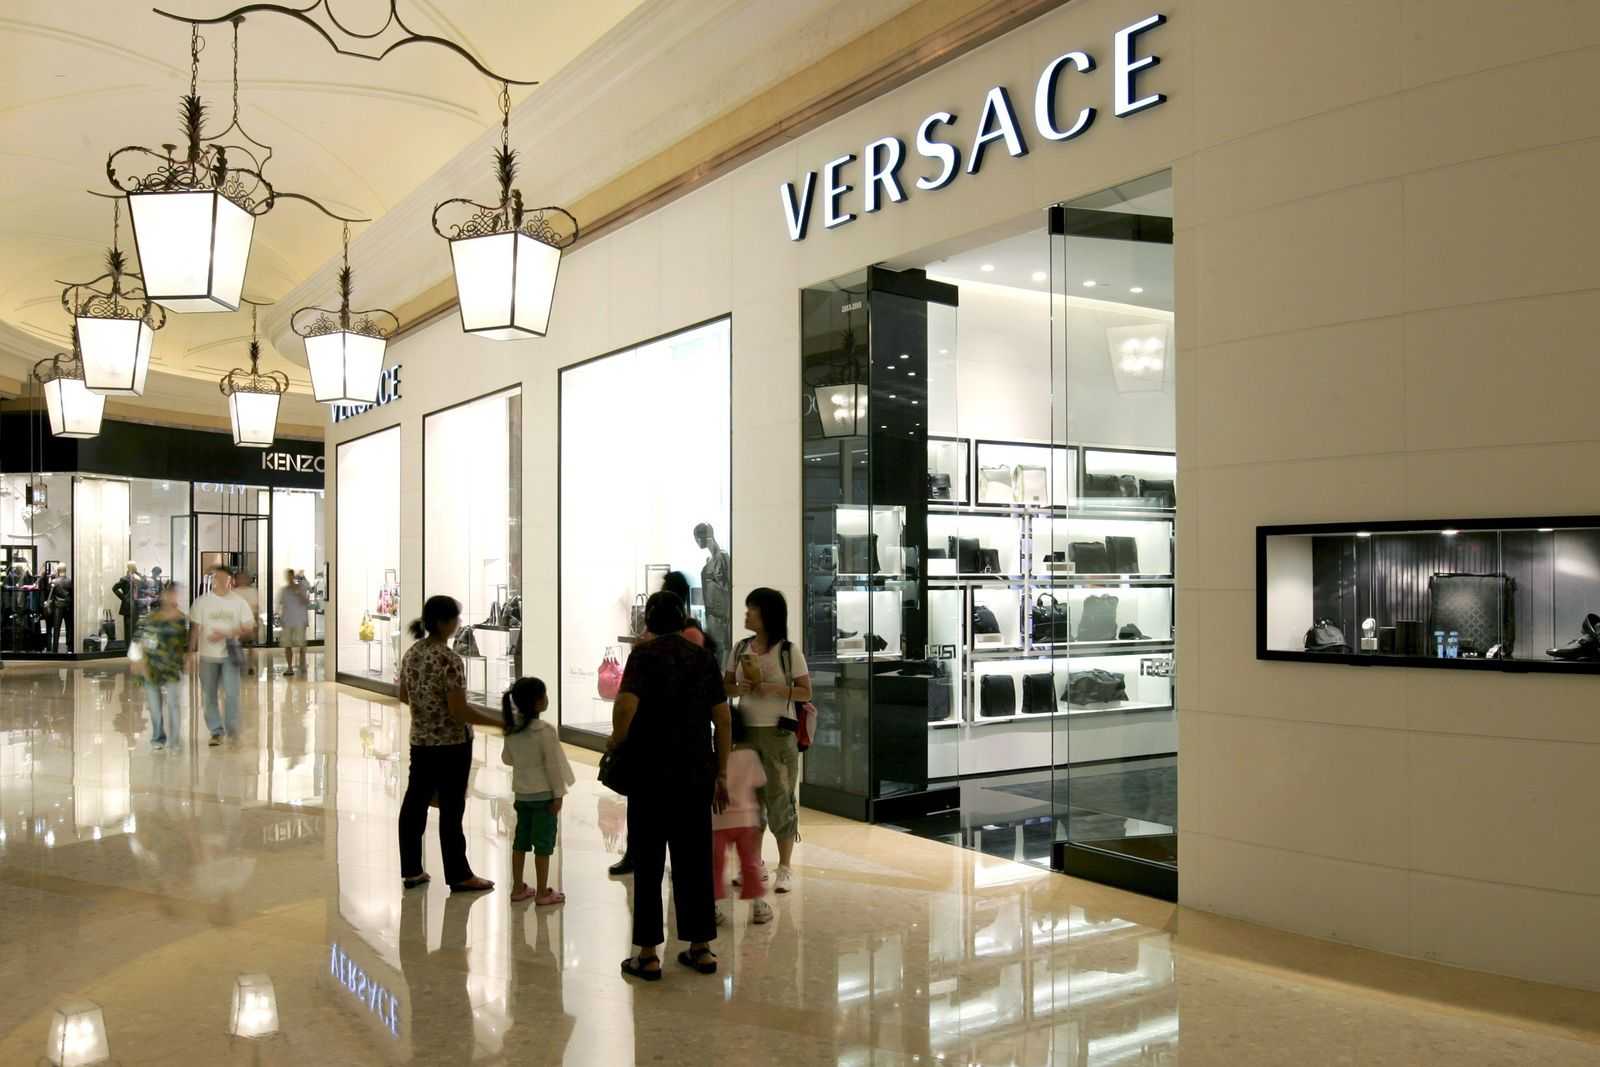 Michael Kors/ Versace